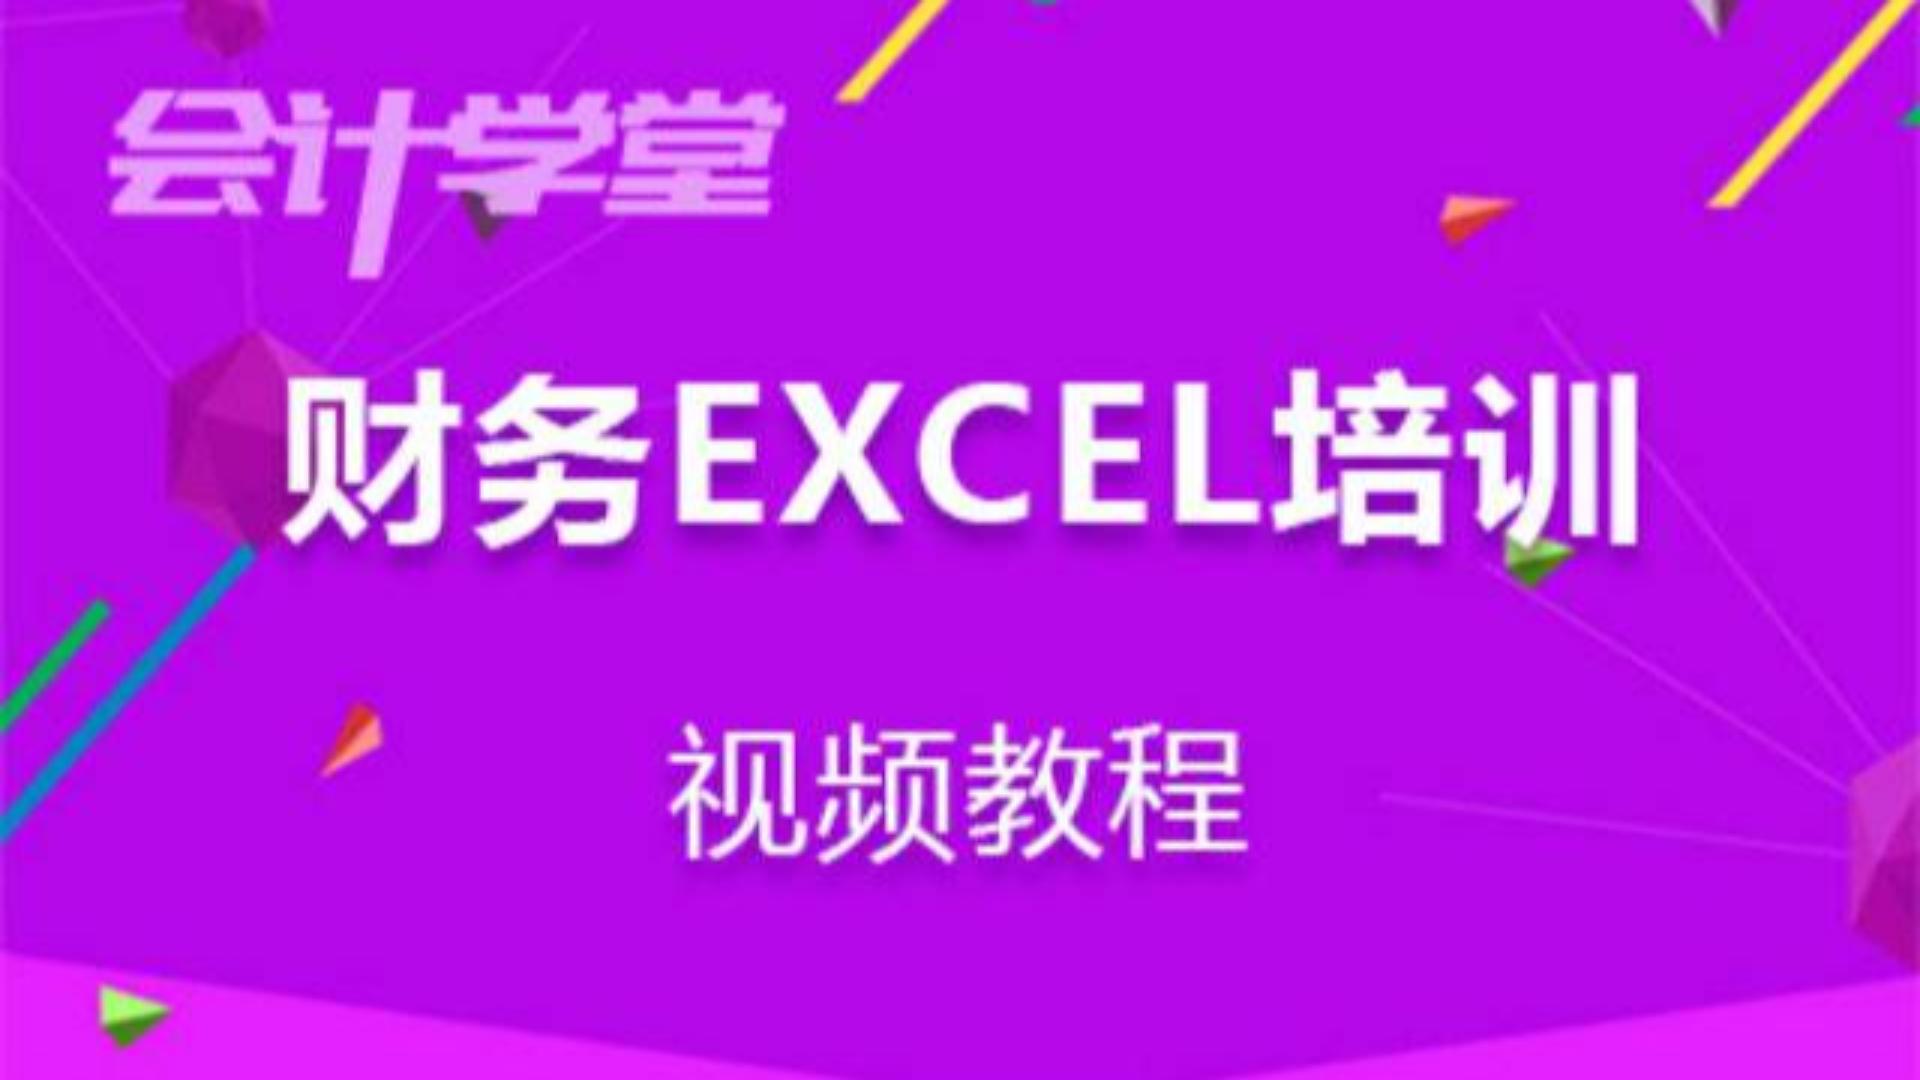 想要学好Excel,这3点基础知识一定要提前知道!